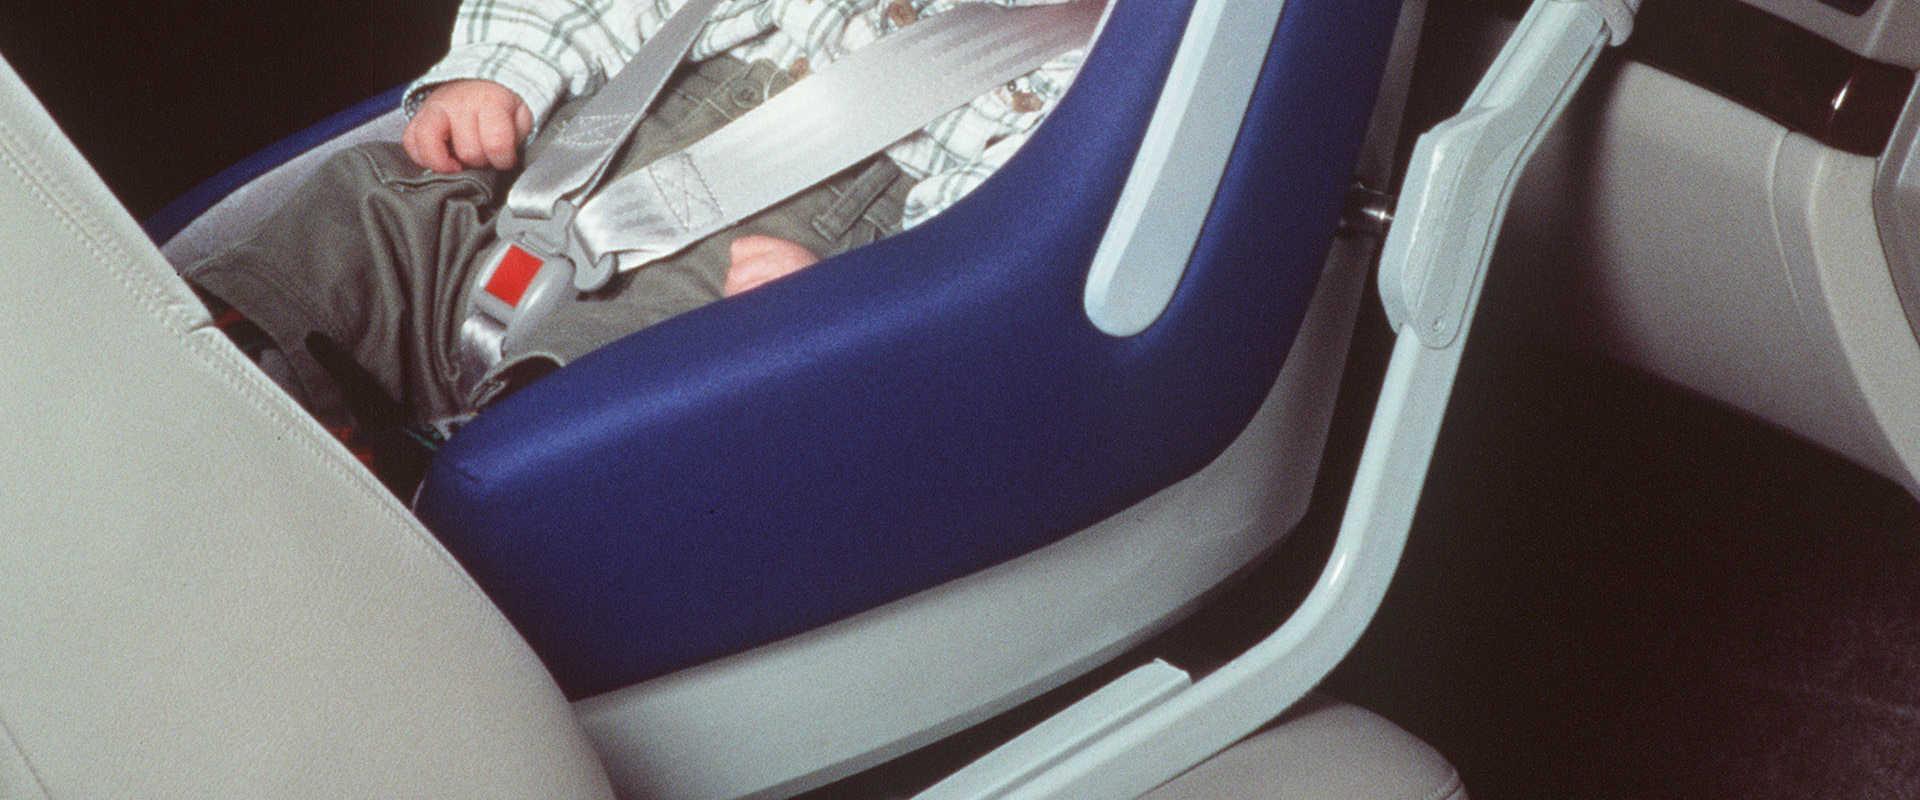 תינוק במושב בטיחות